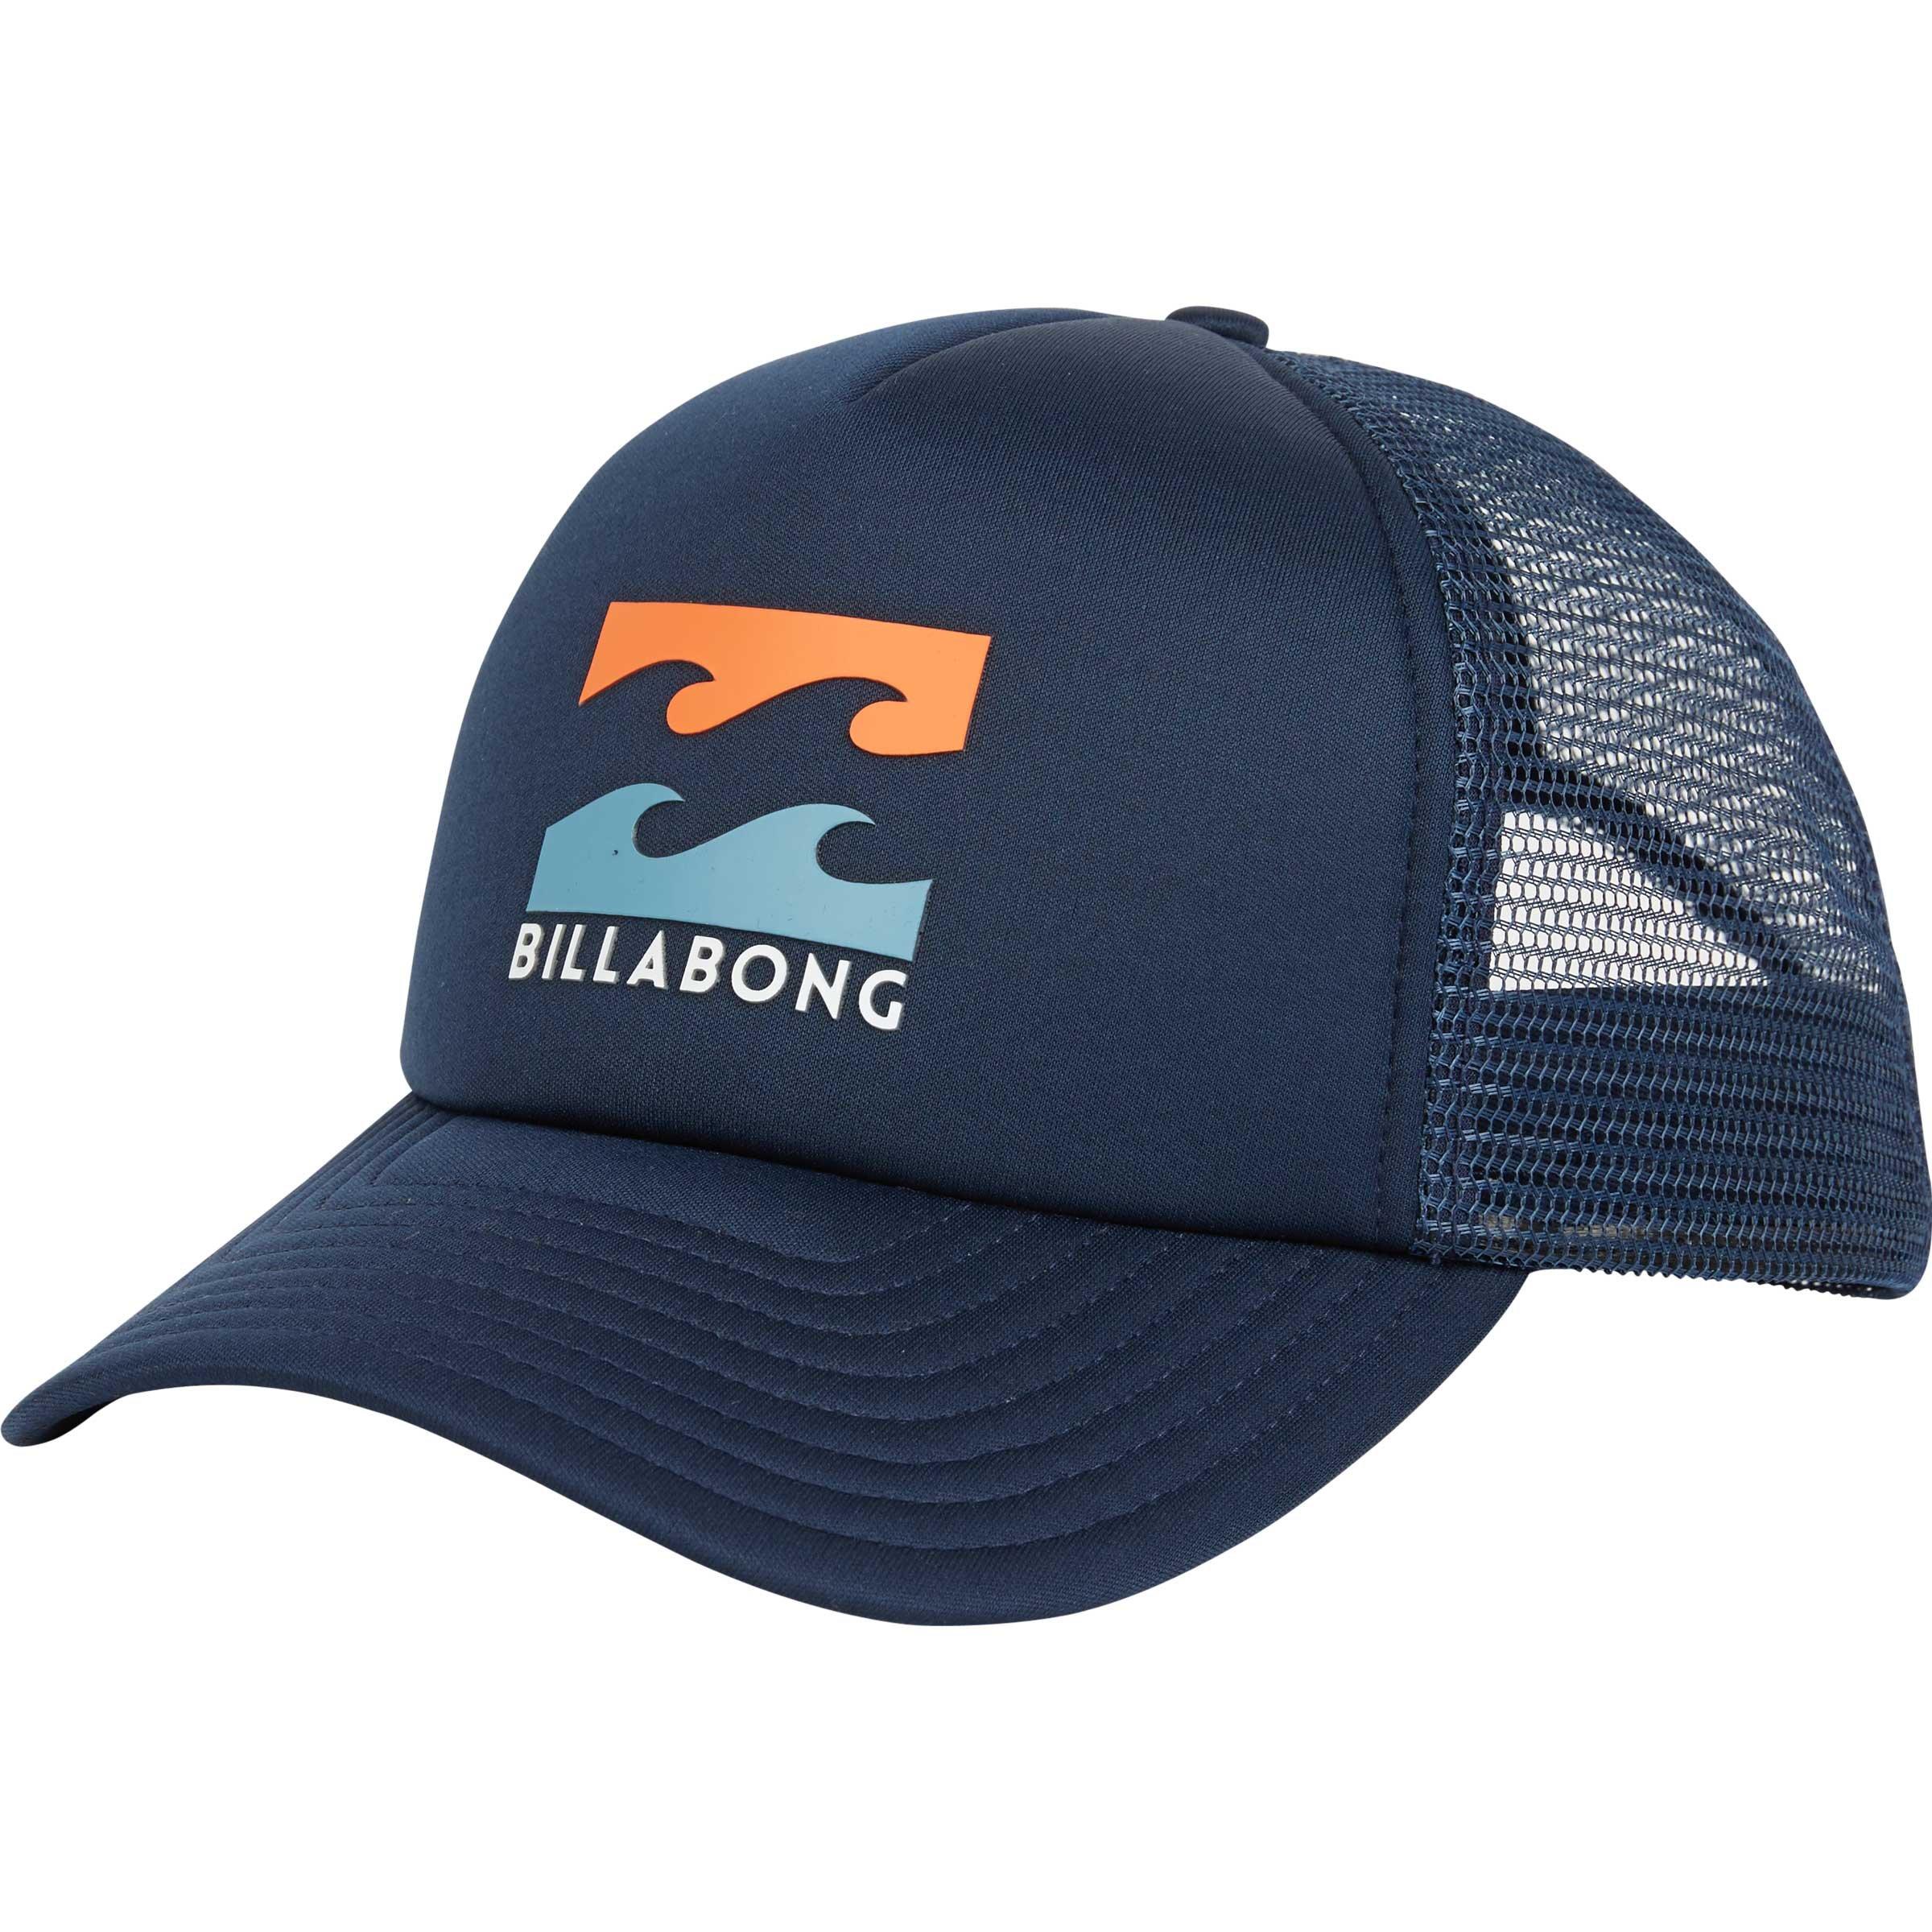 Billabong Men's Podium Trucker Hat Indigo One Size